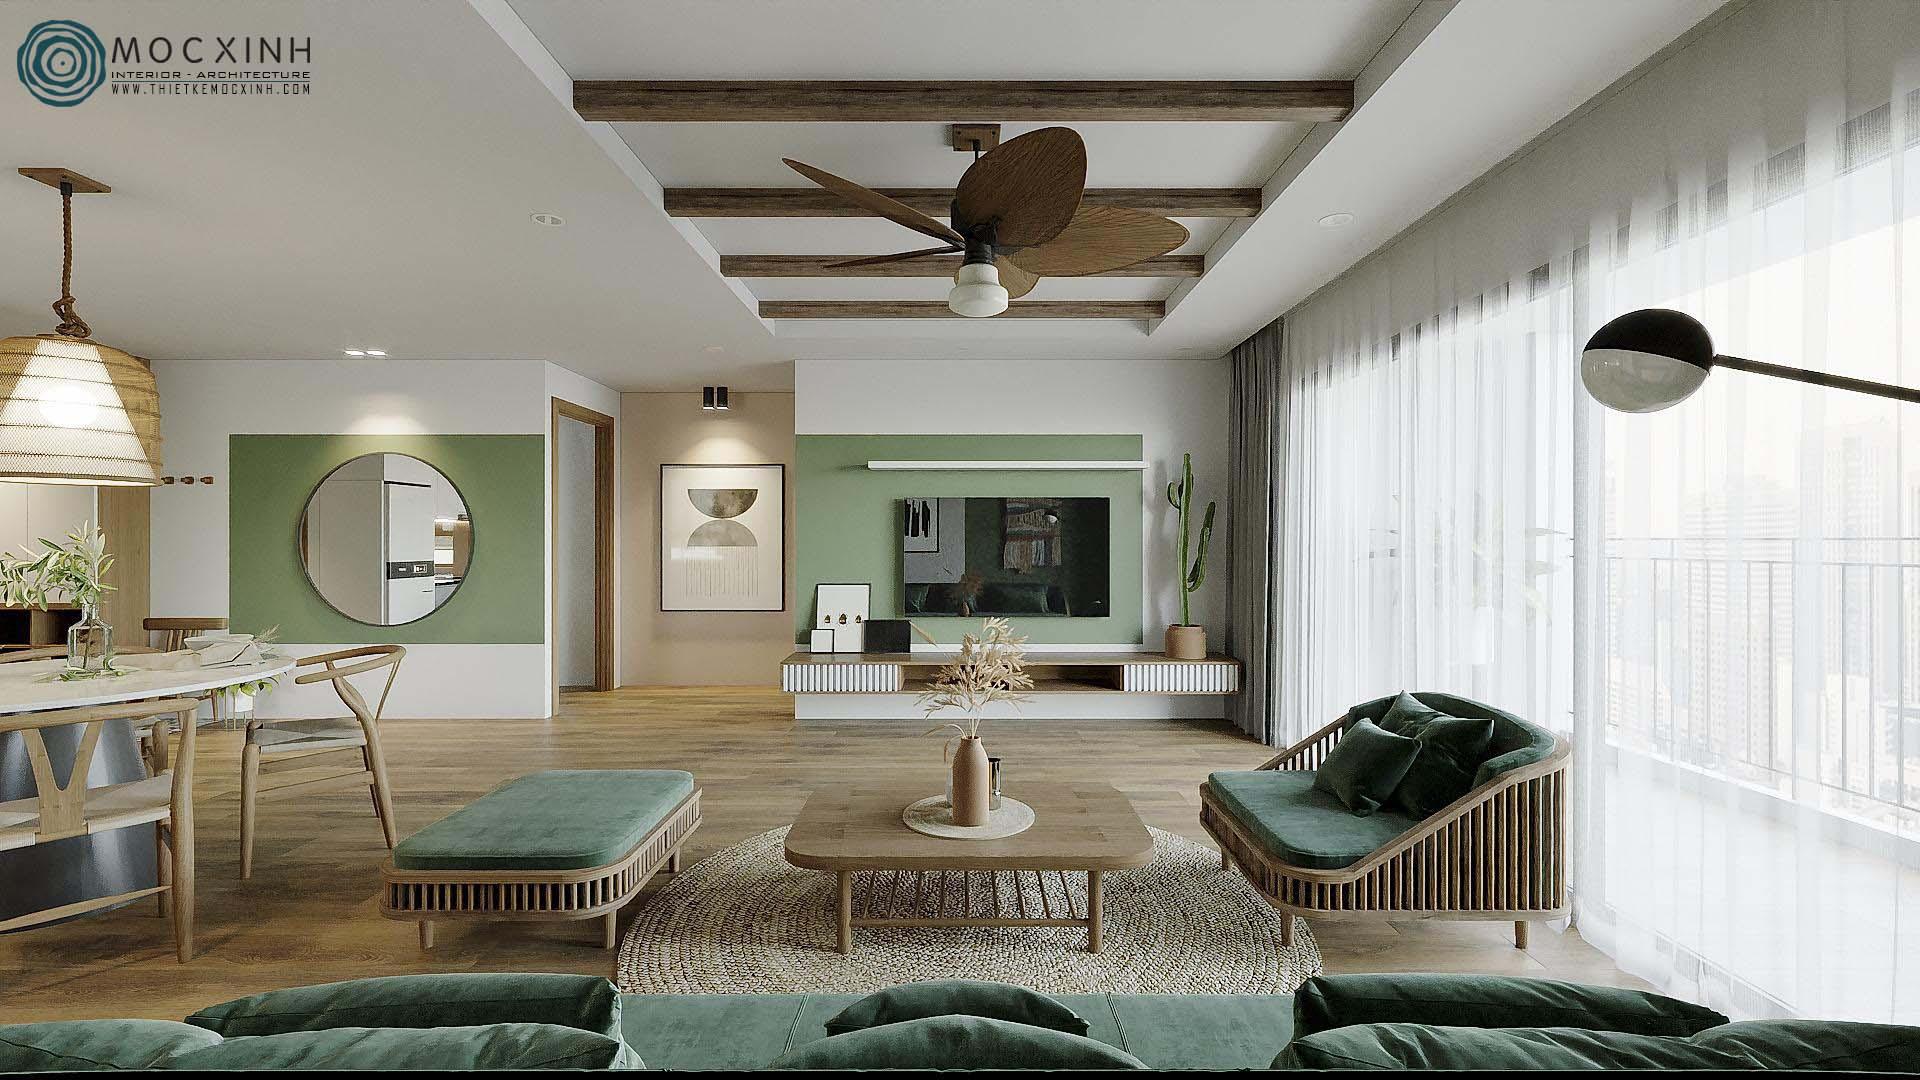 Những ý tưởng độc đáo cho thiết kế nội thất căn hộ chung cư hiện đại đẹp nhất - Ảnh 6.